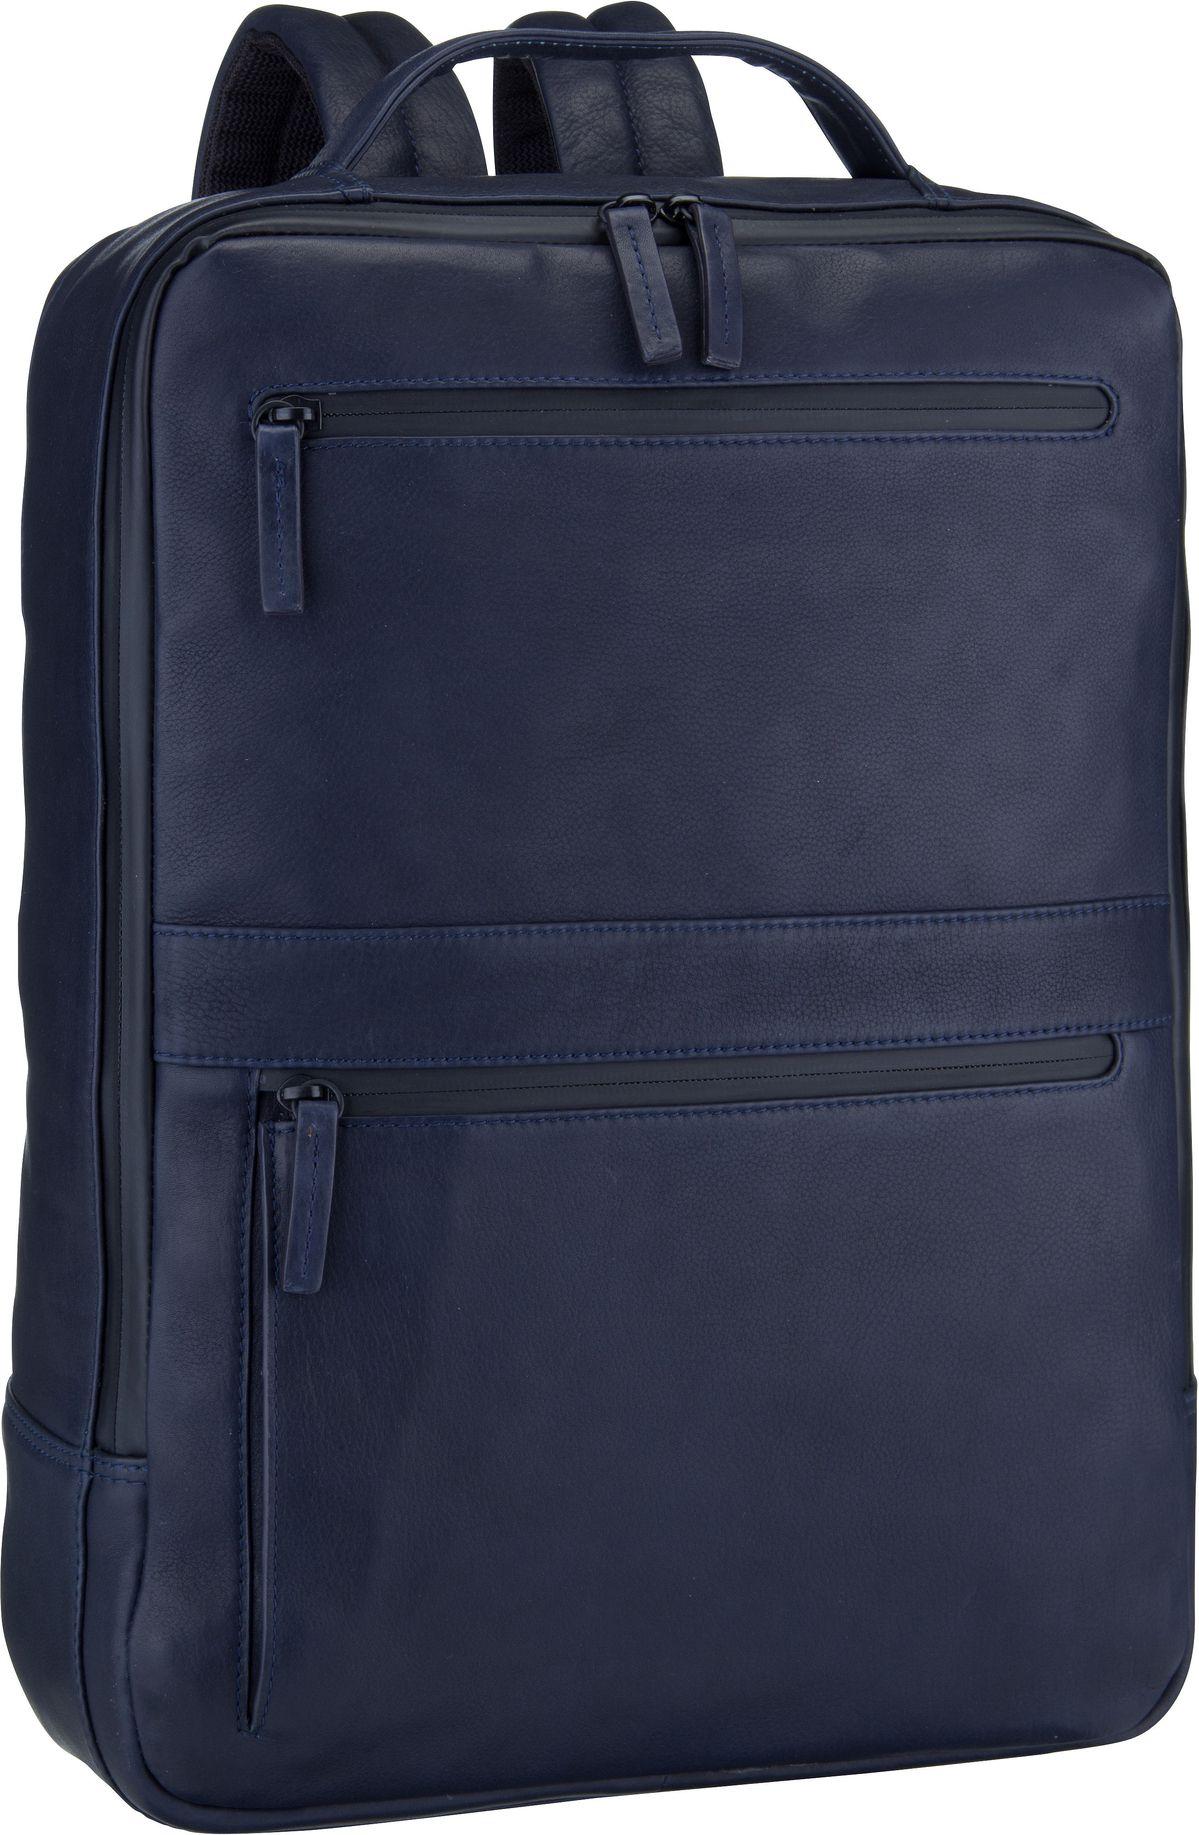 Rucksack / Daypack Den Haag 6753 Rucksack Blau